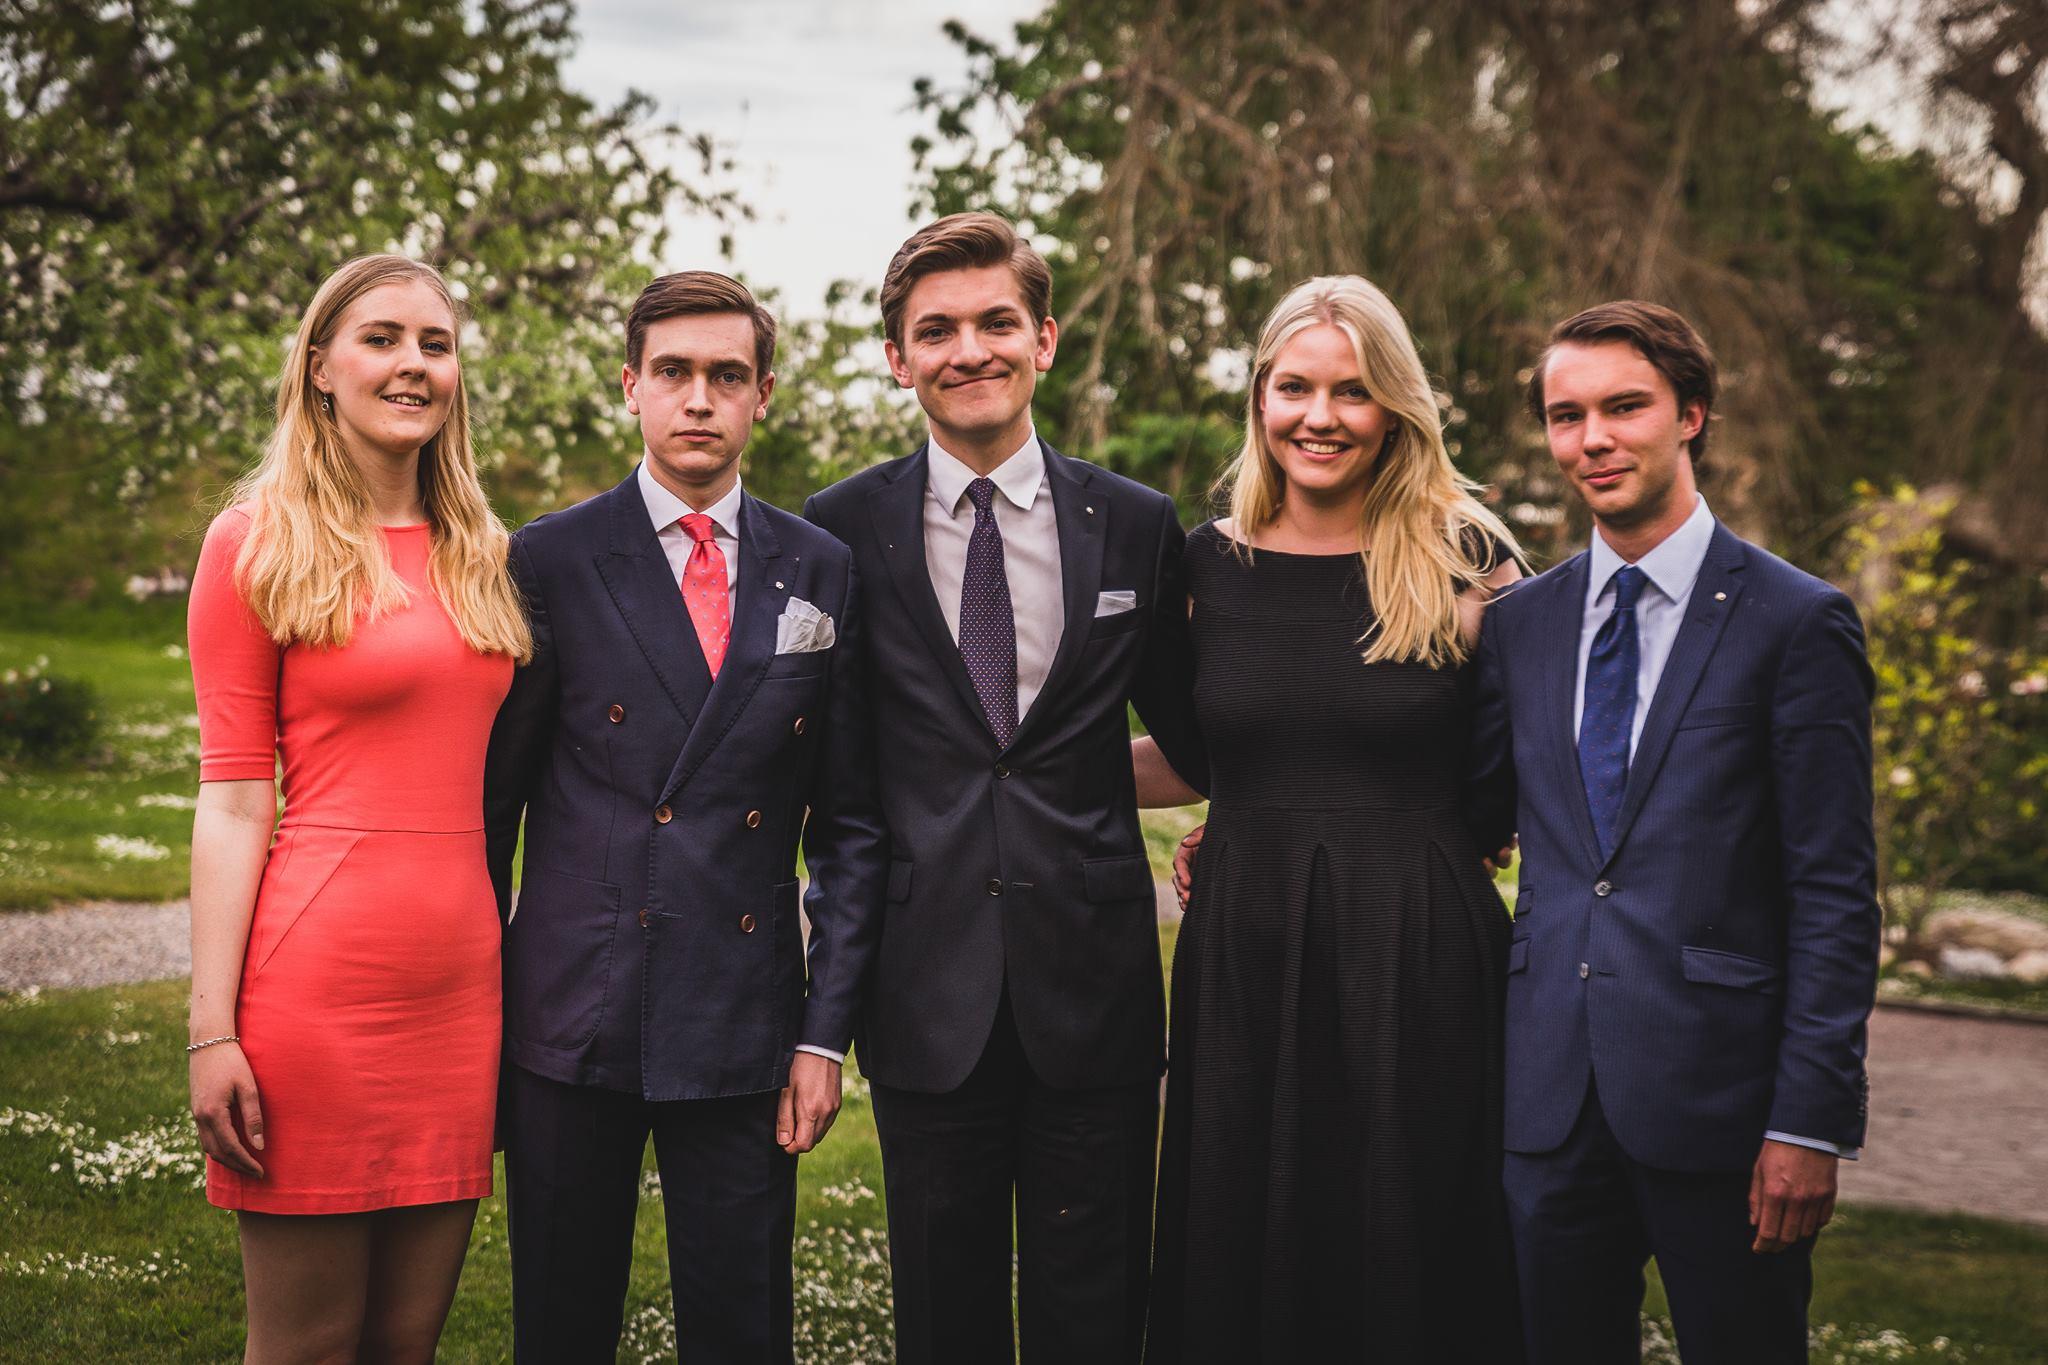 Nytt presidium valt för Fria Moderata Studentförbundet!